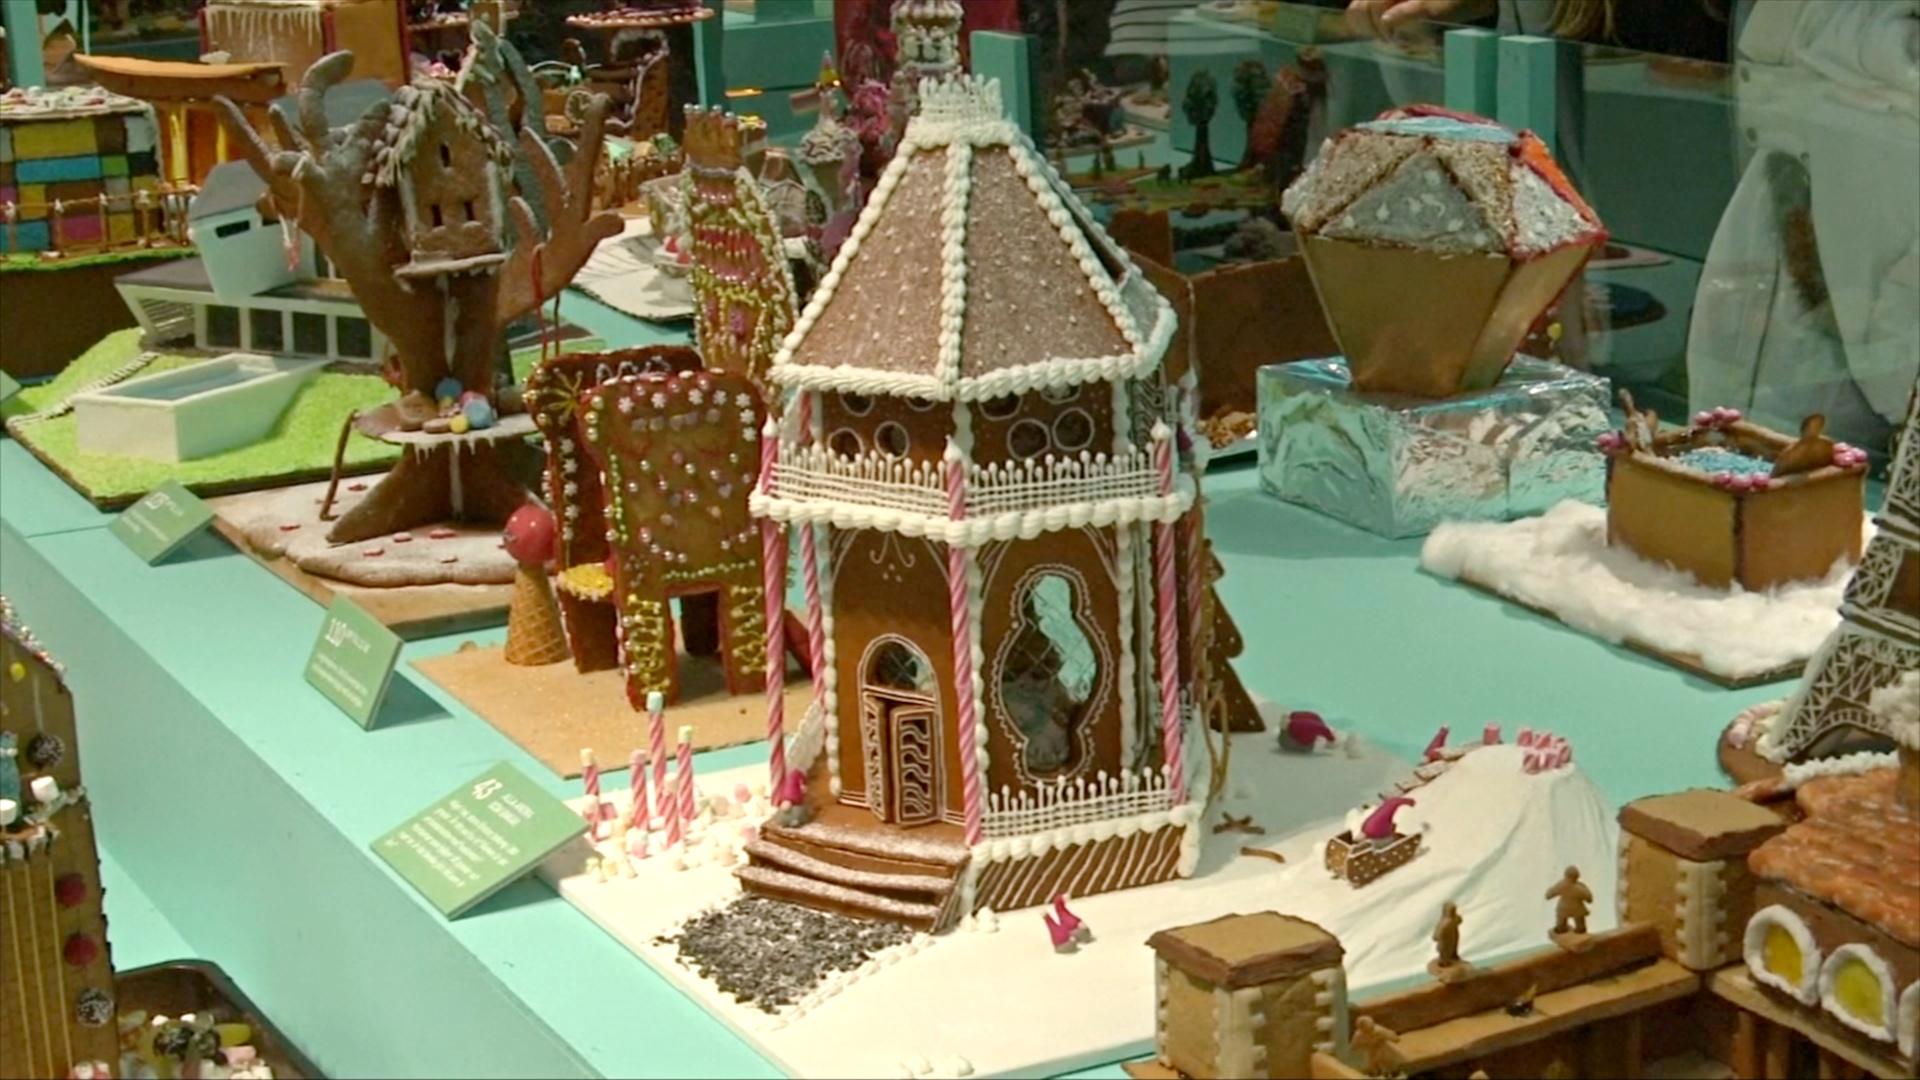 Удержаться и не съесть: выставка пряничных домиков проходит в Стокгольме